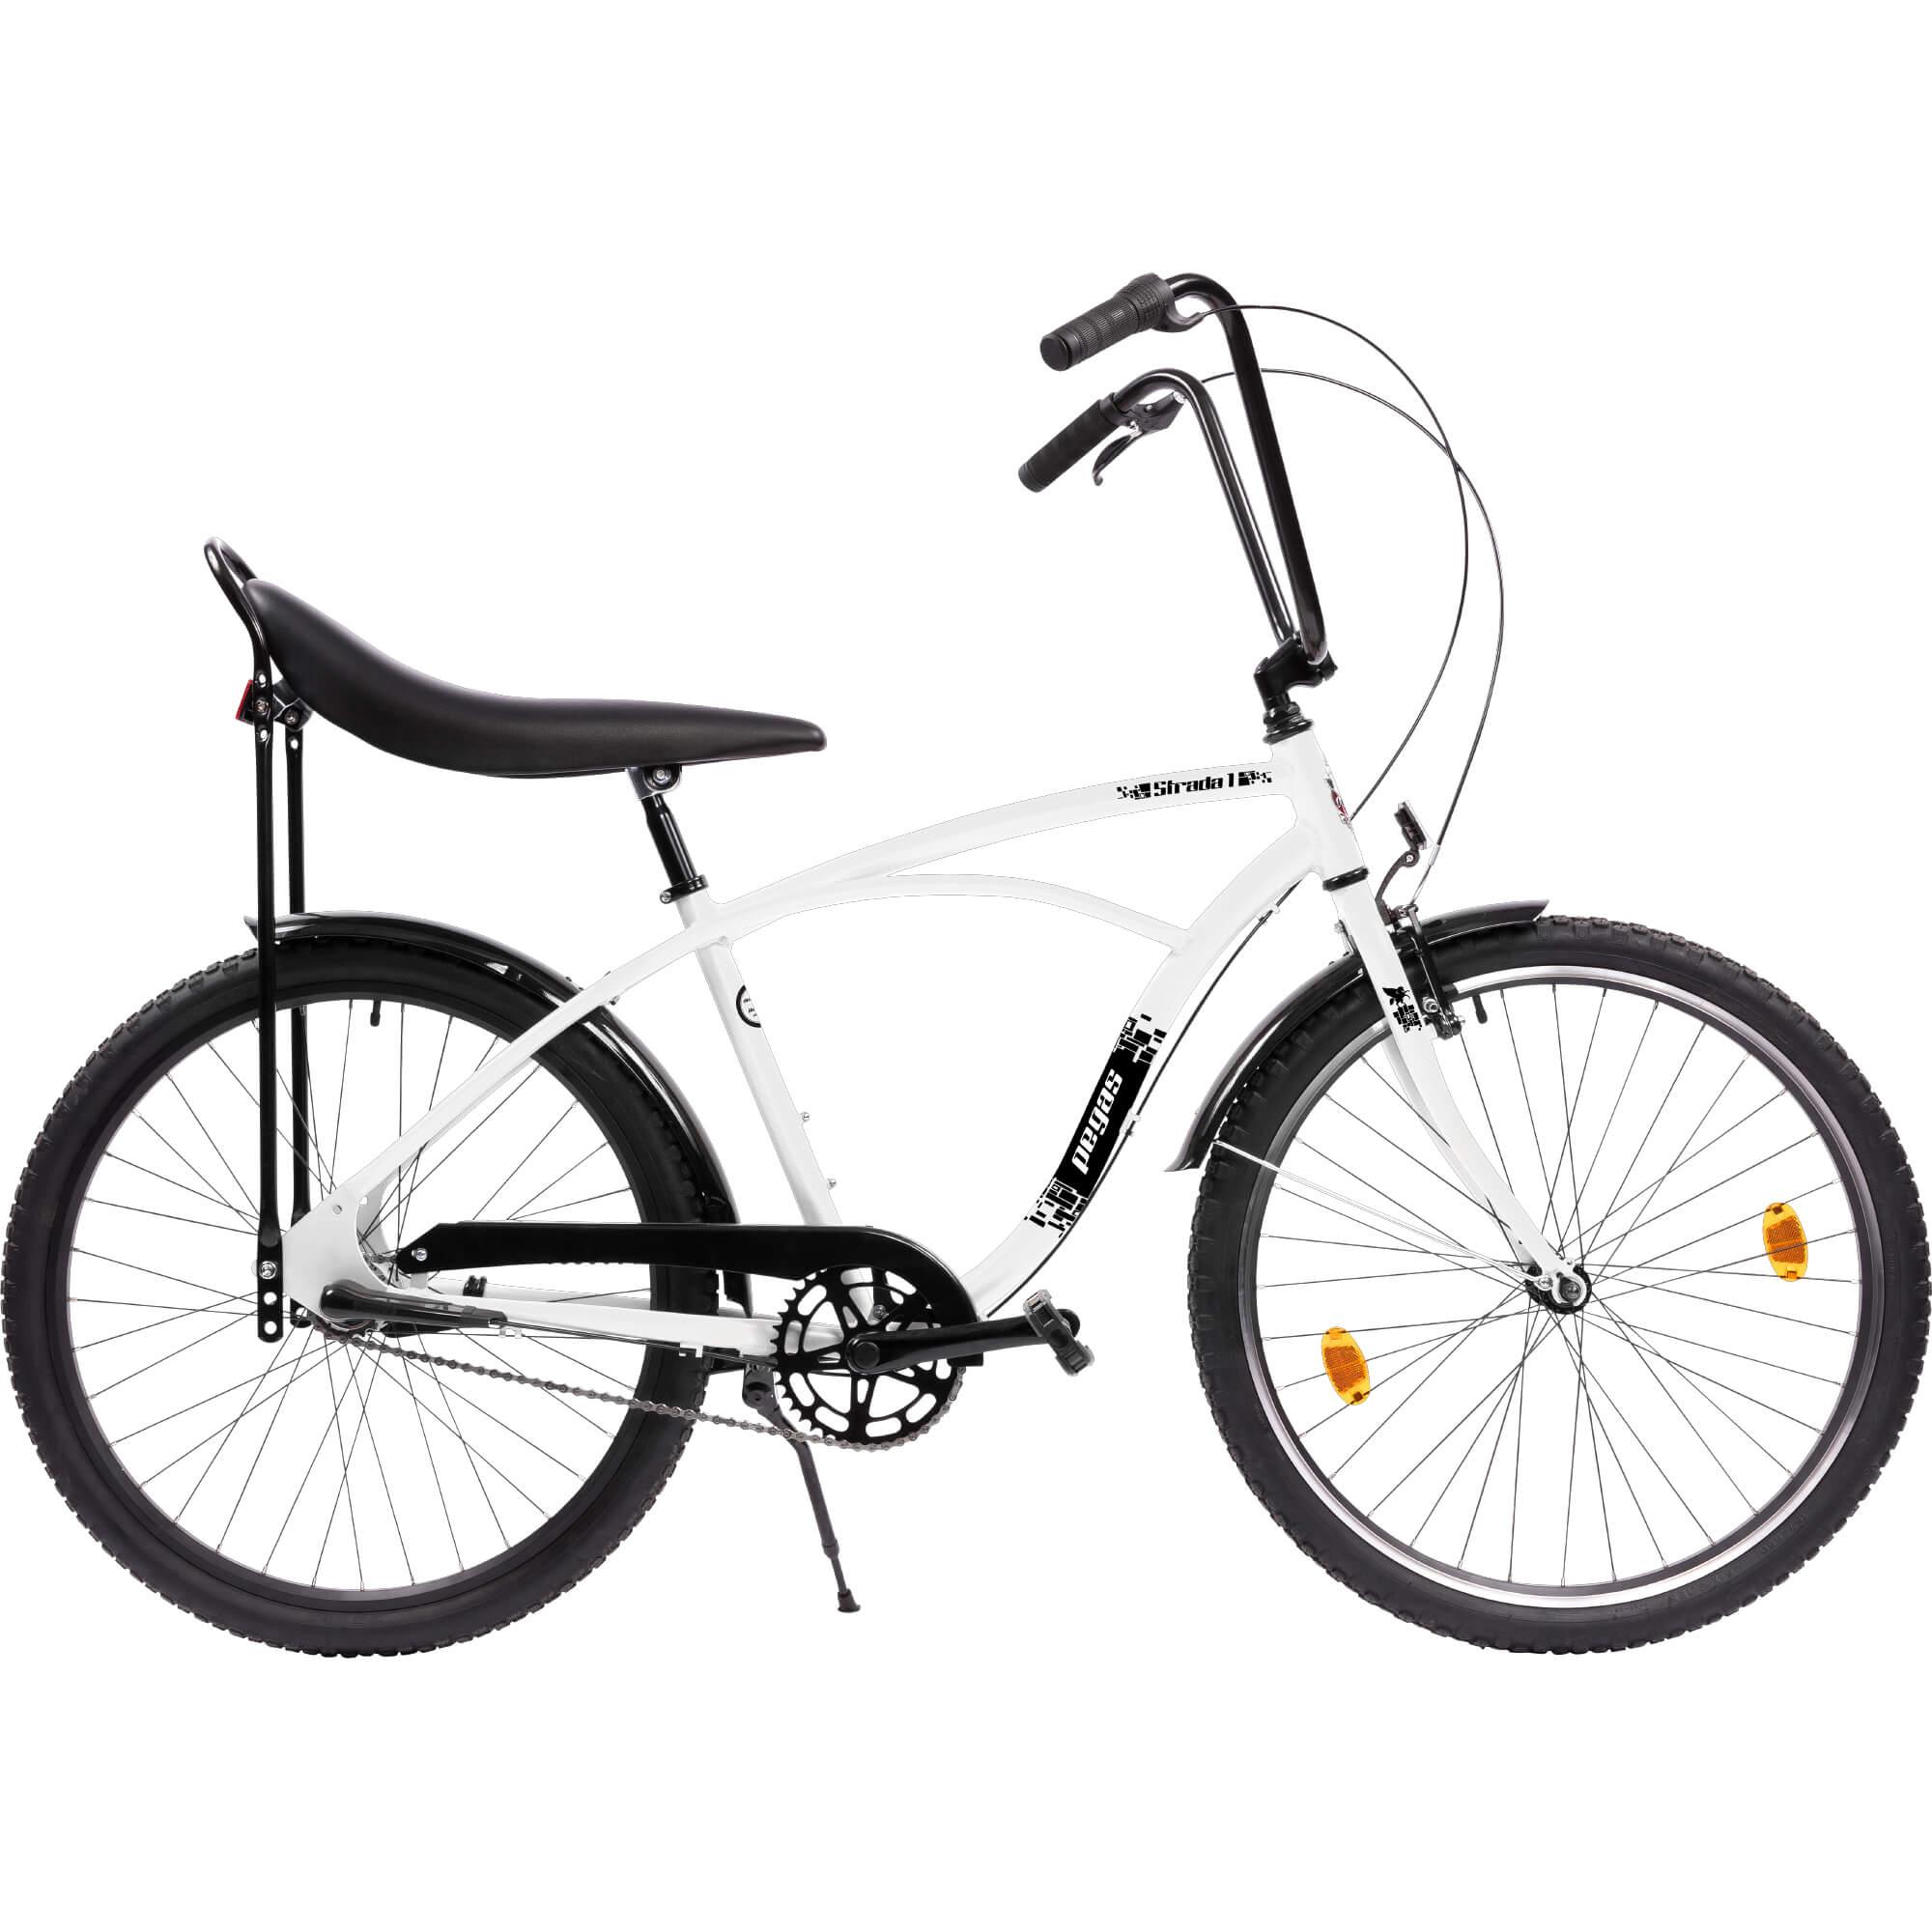 Citybike Strada 1 imagine